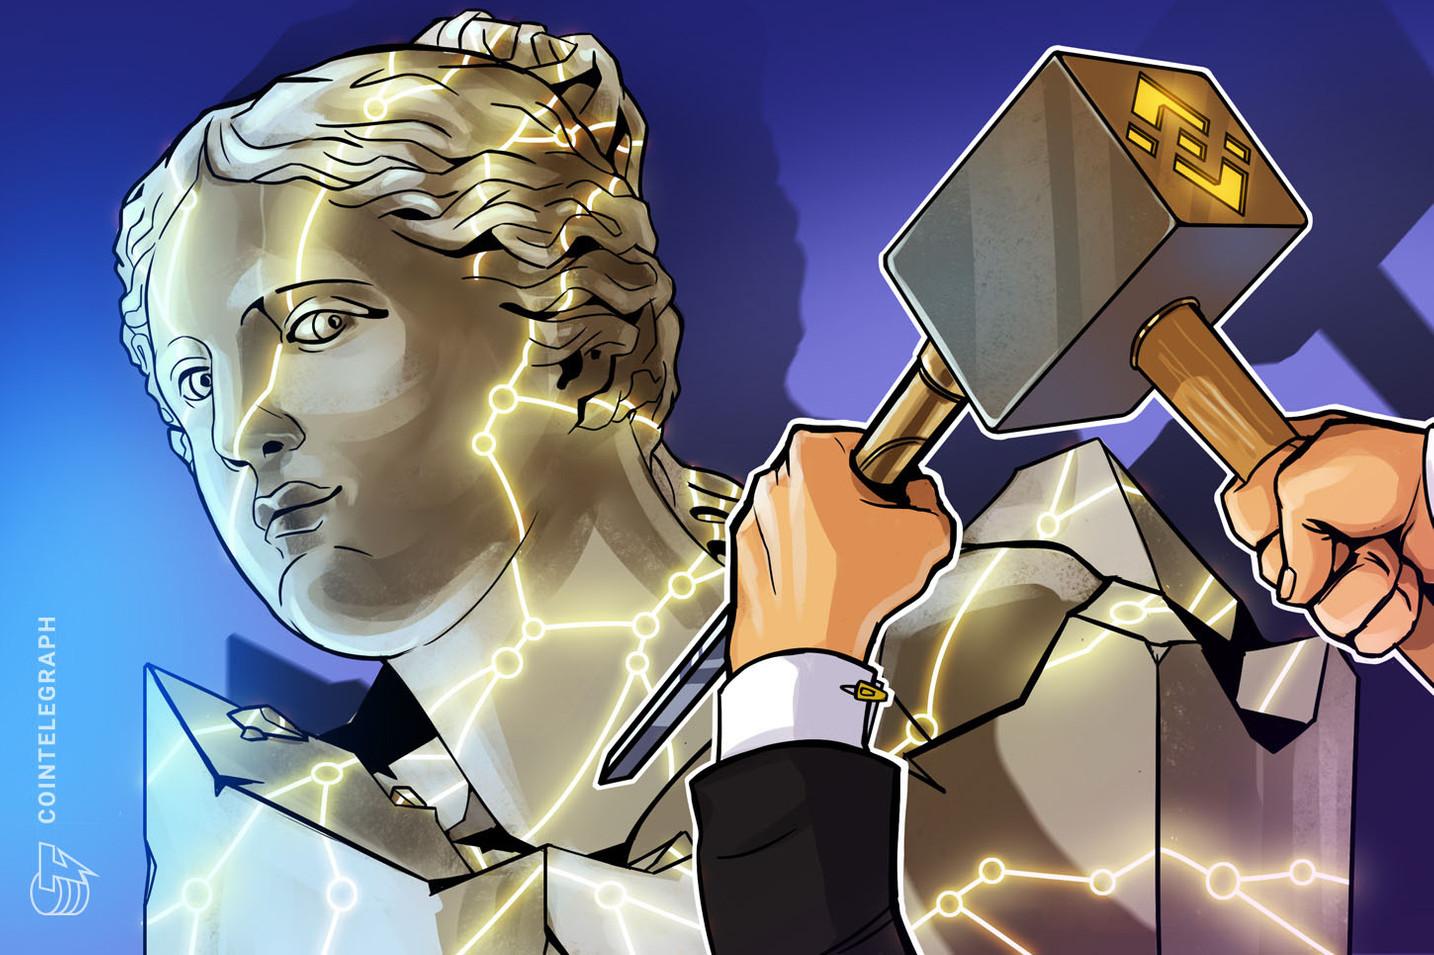 仮想通貨取引所バイナンス、インドネシアの法定通貨ルピア裏付けのステーブルコインを展開